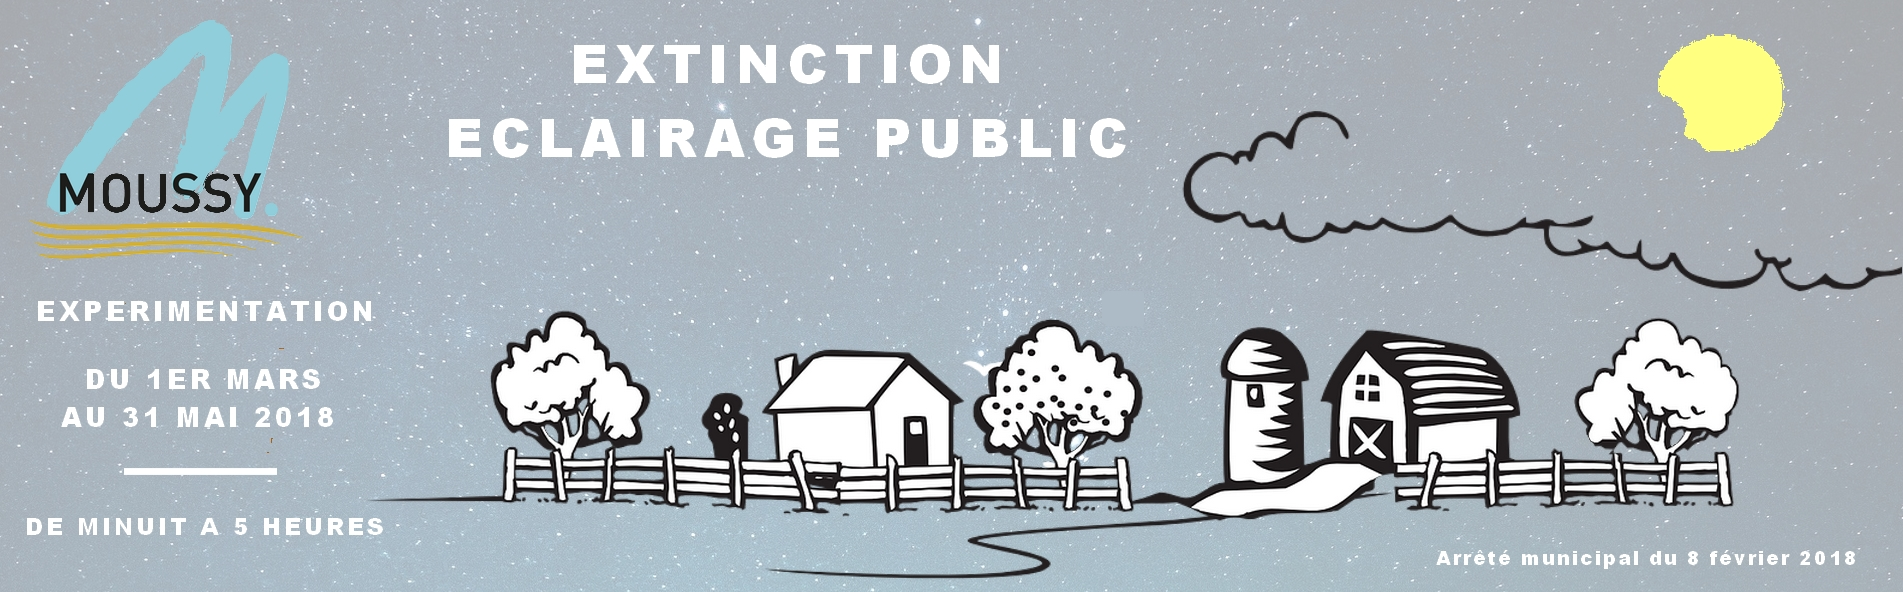 Expérimentation de l'extinction de l'éclairage public